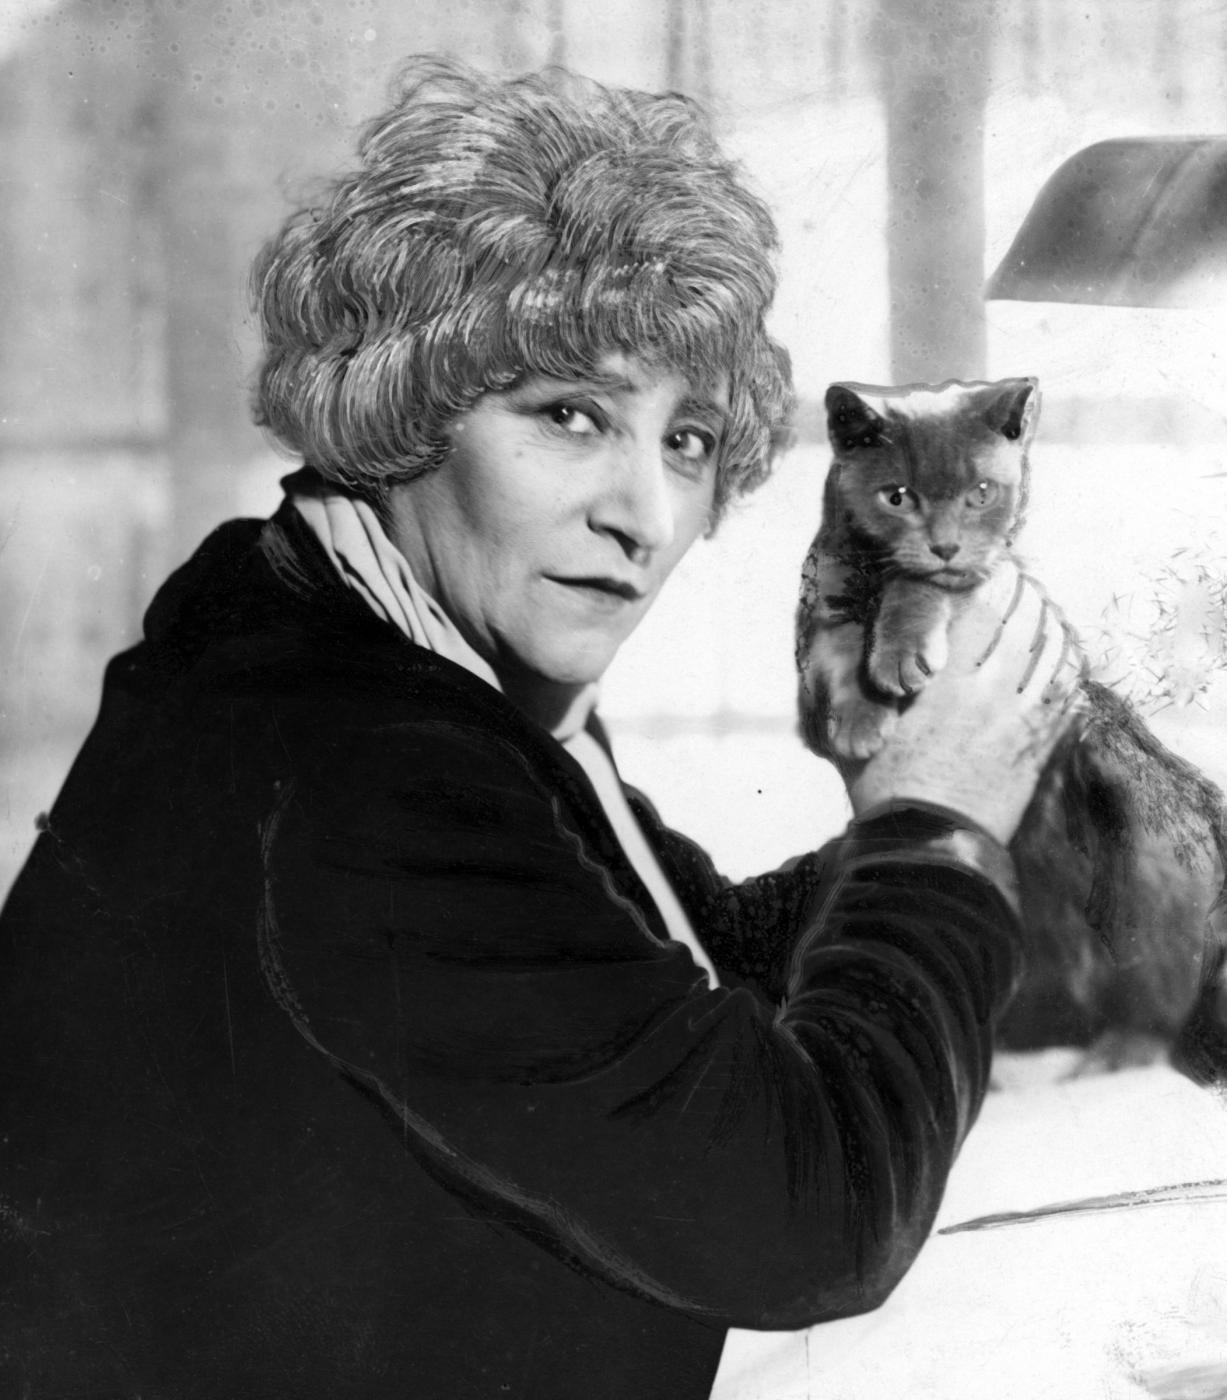 Gabrielle Colette con gatto